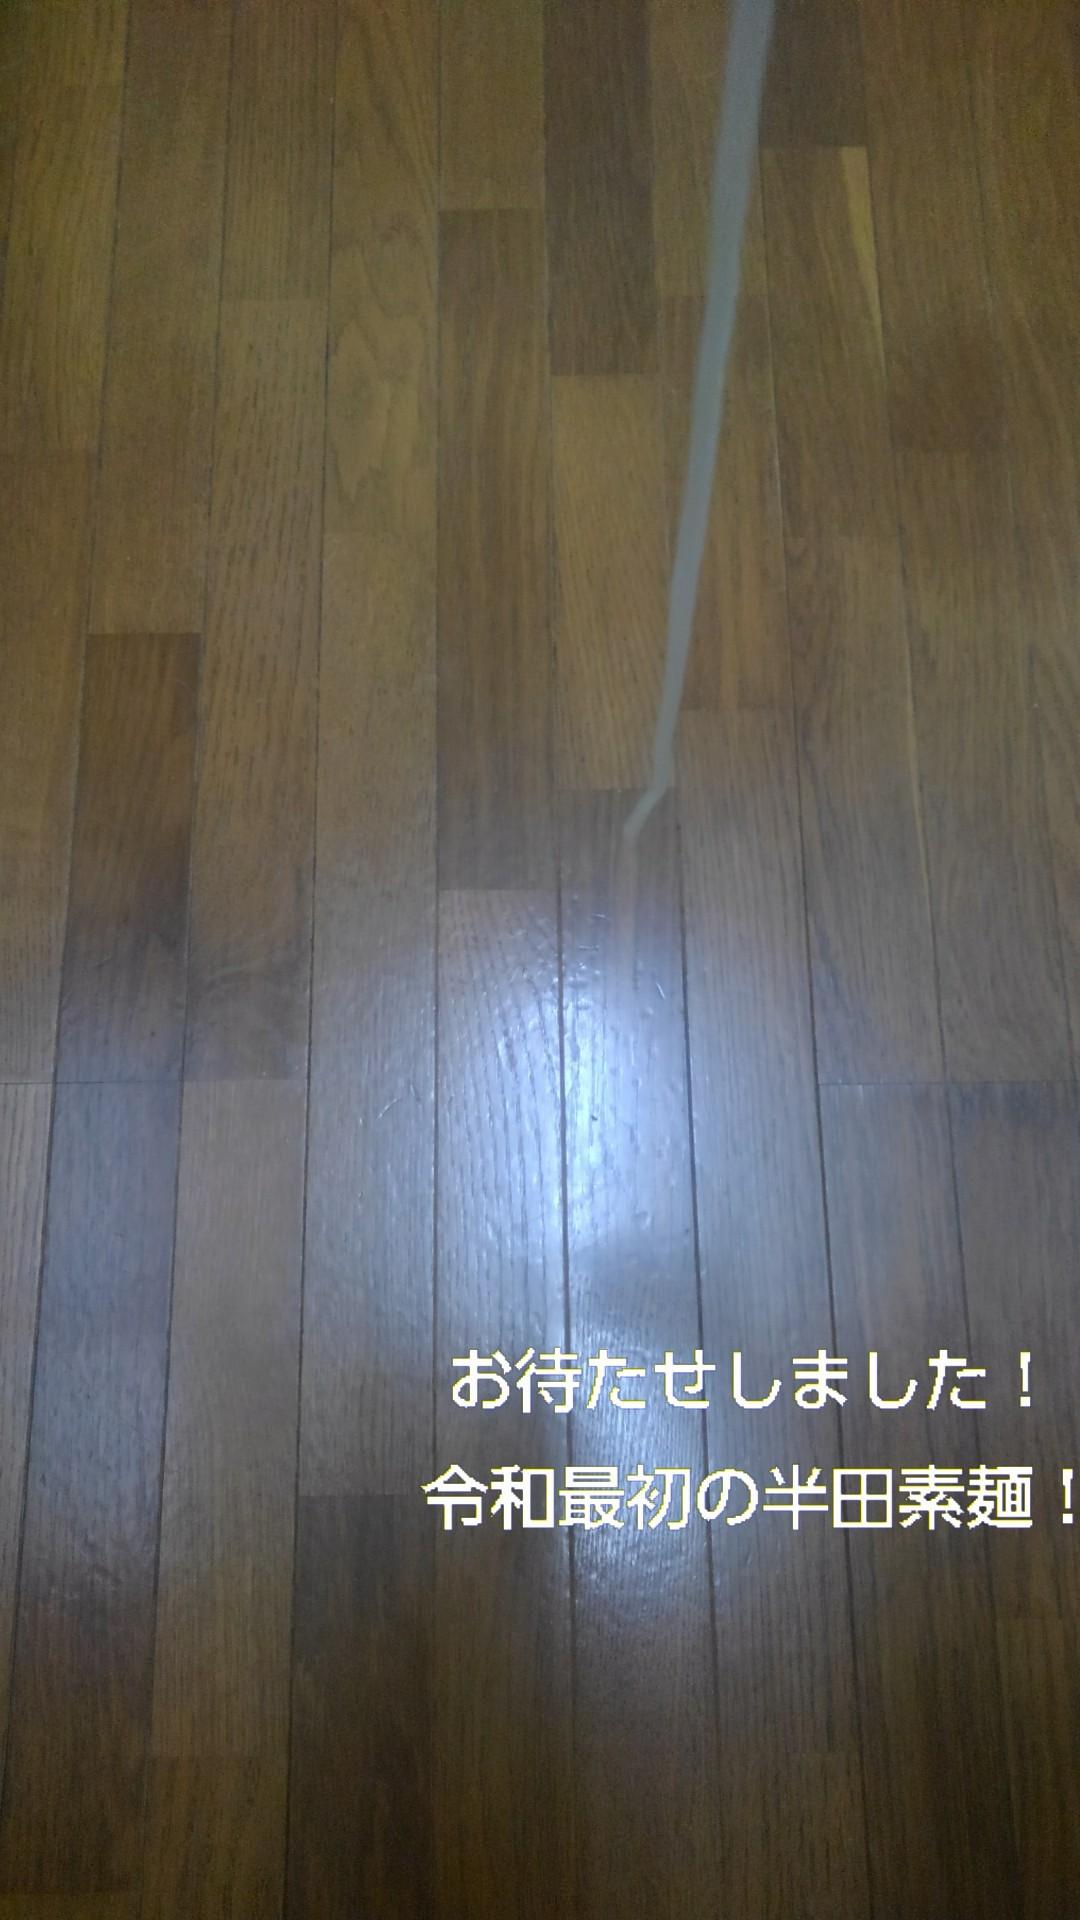 b0339522_16535161.jpg